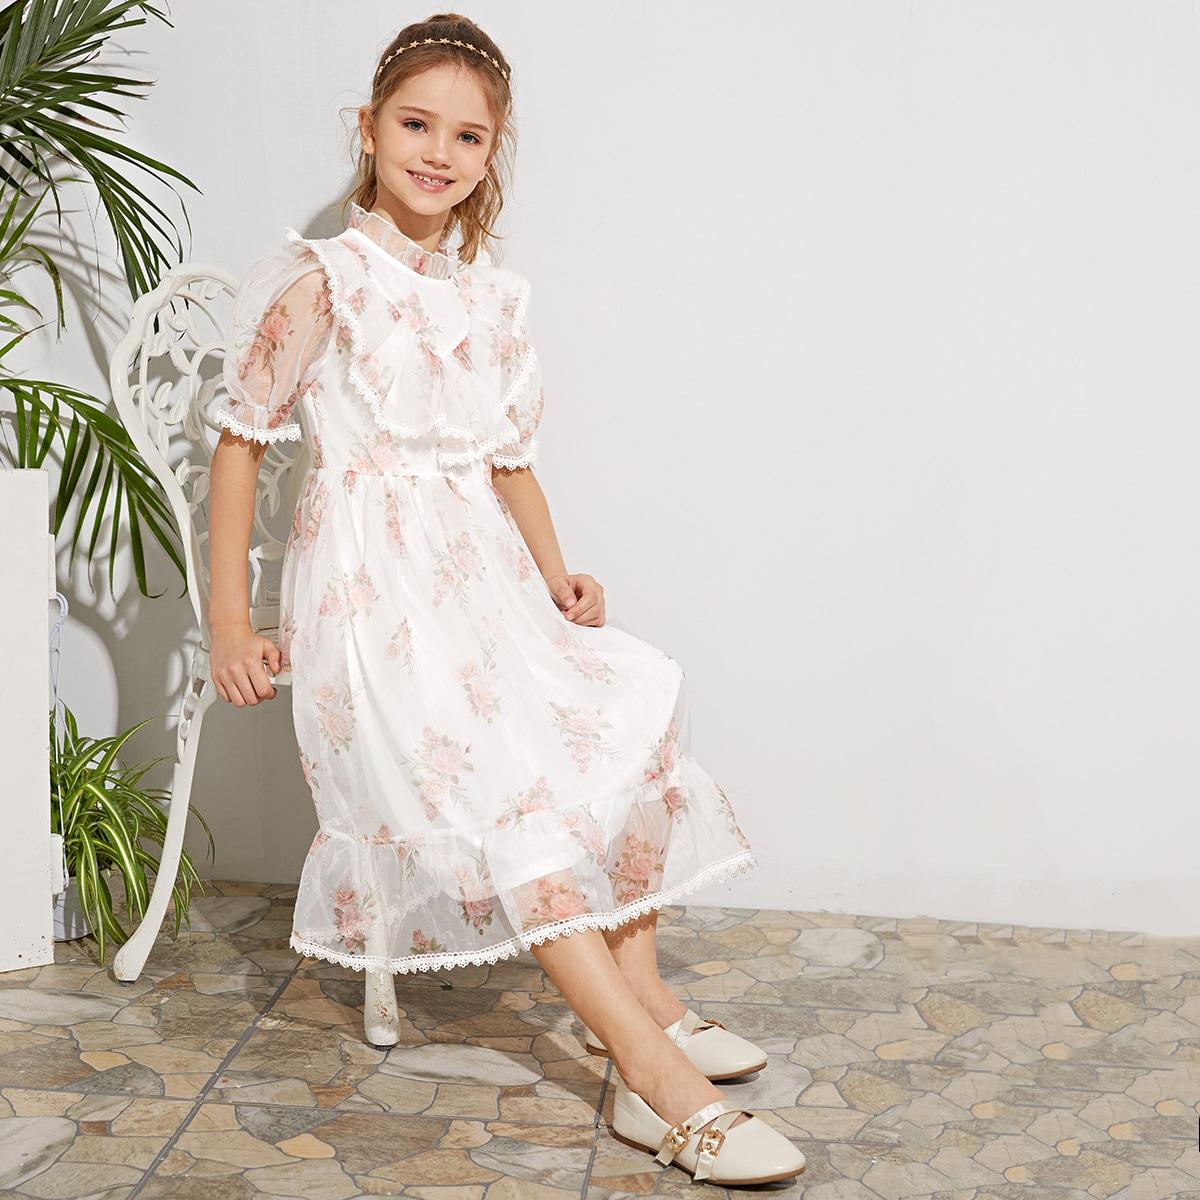 Цветочное платье из органзы с кружевной отделкой для девочек